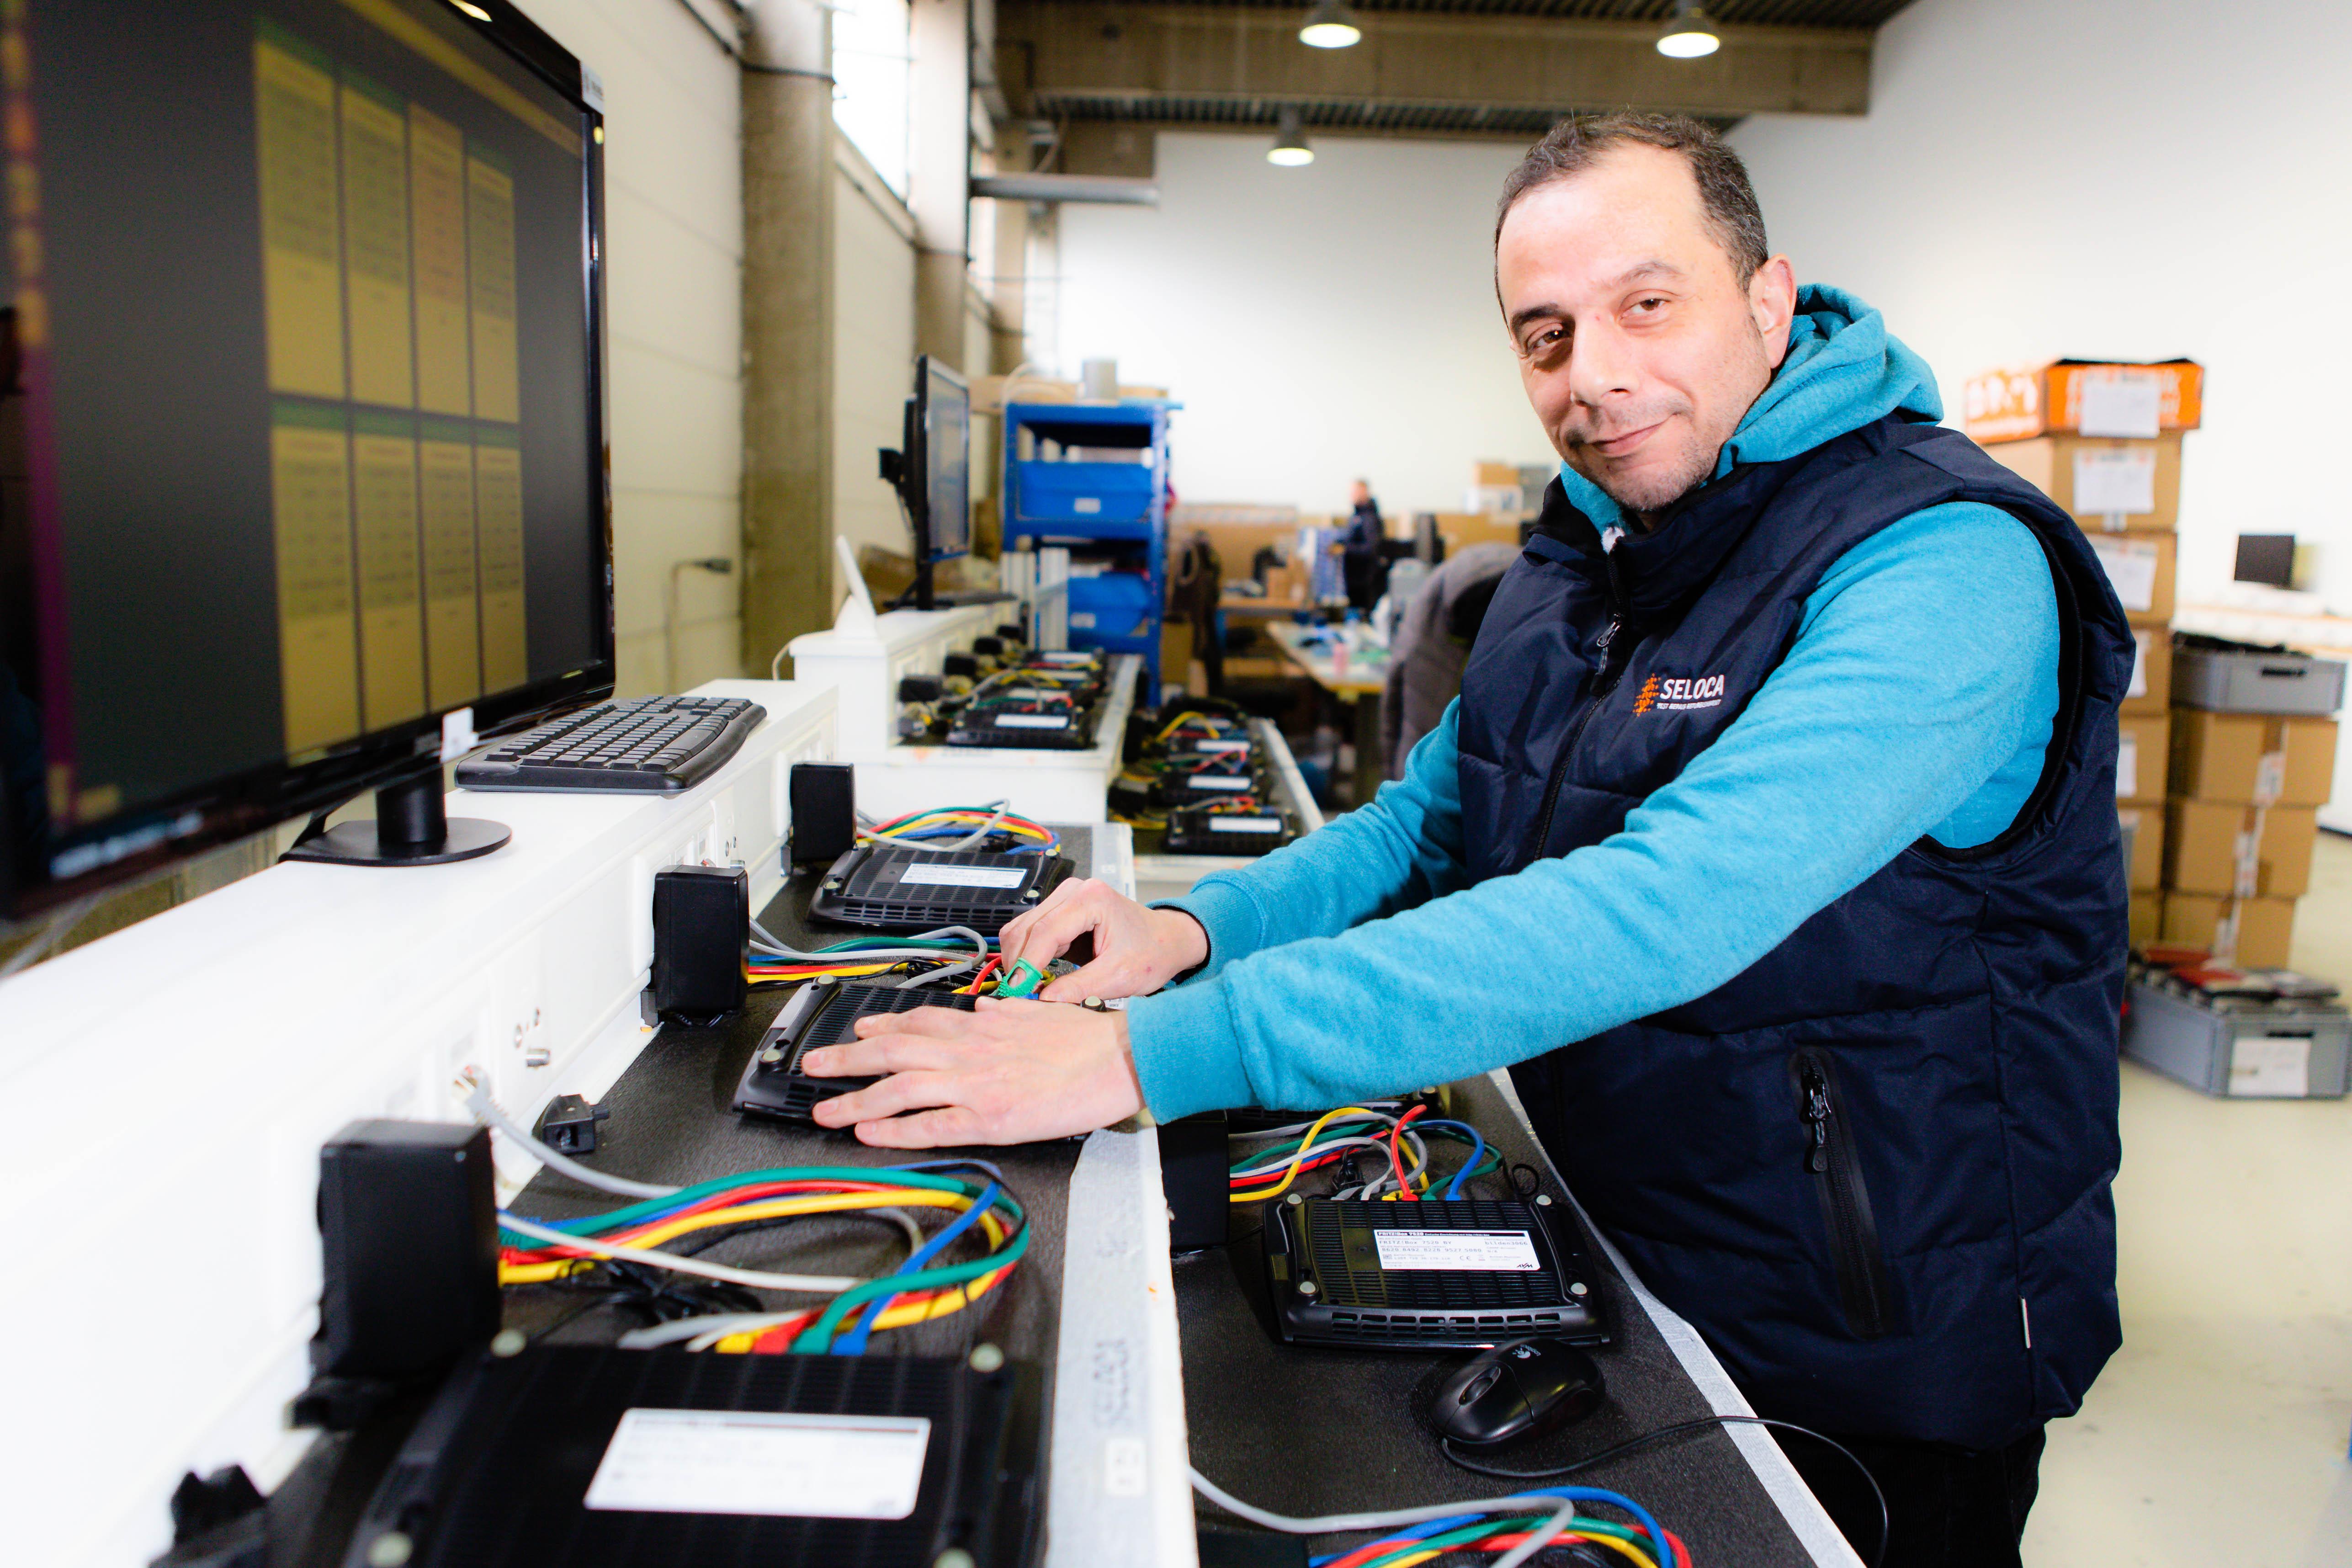 Seloca verfügt über 60 Testplätze zum automatisierten Testen sämtlicher Modem-Modelle, © Seloca GmbH, Foto: Frank Molter